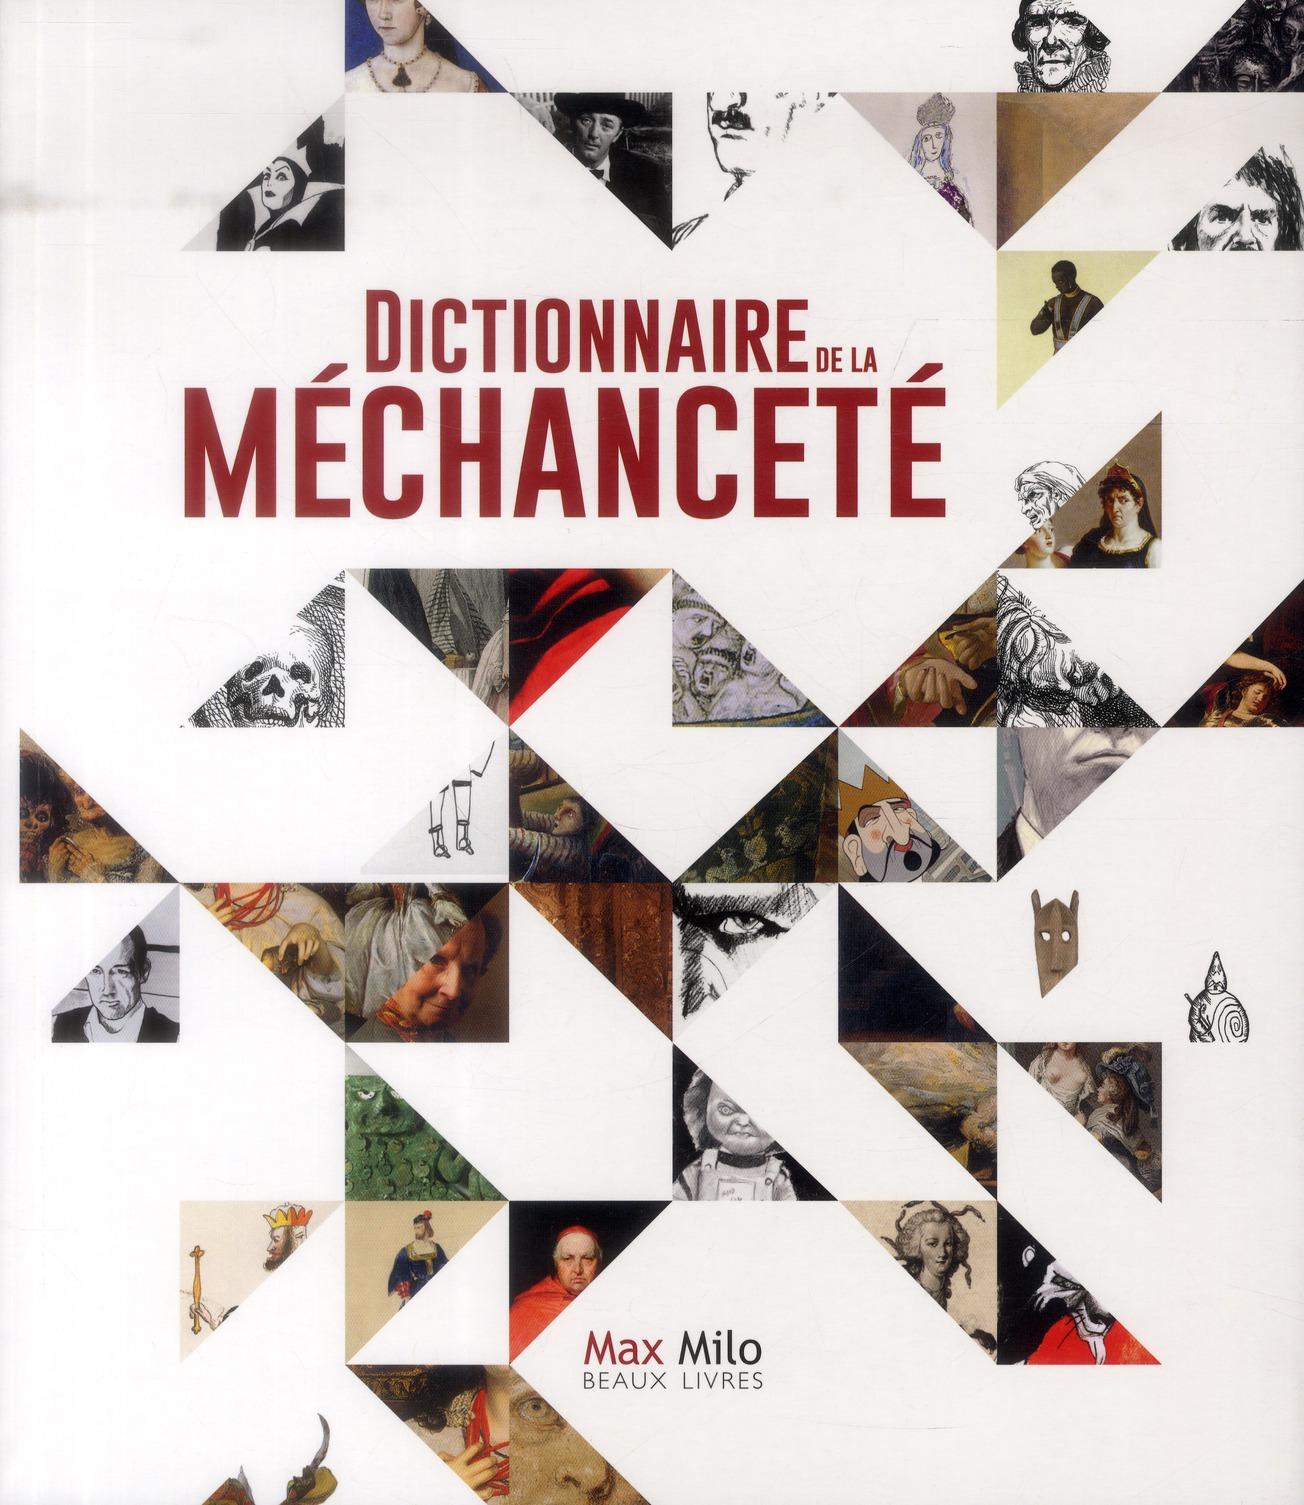 DICTIONNAIRE DE LA MECHANCETE